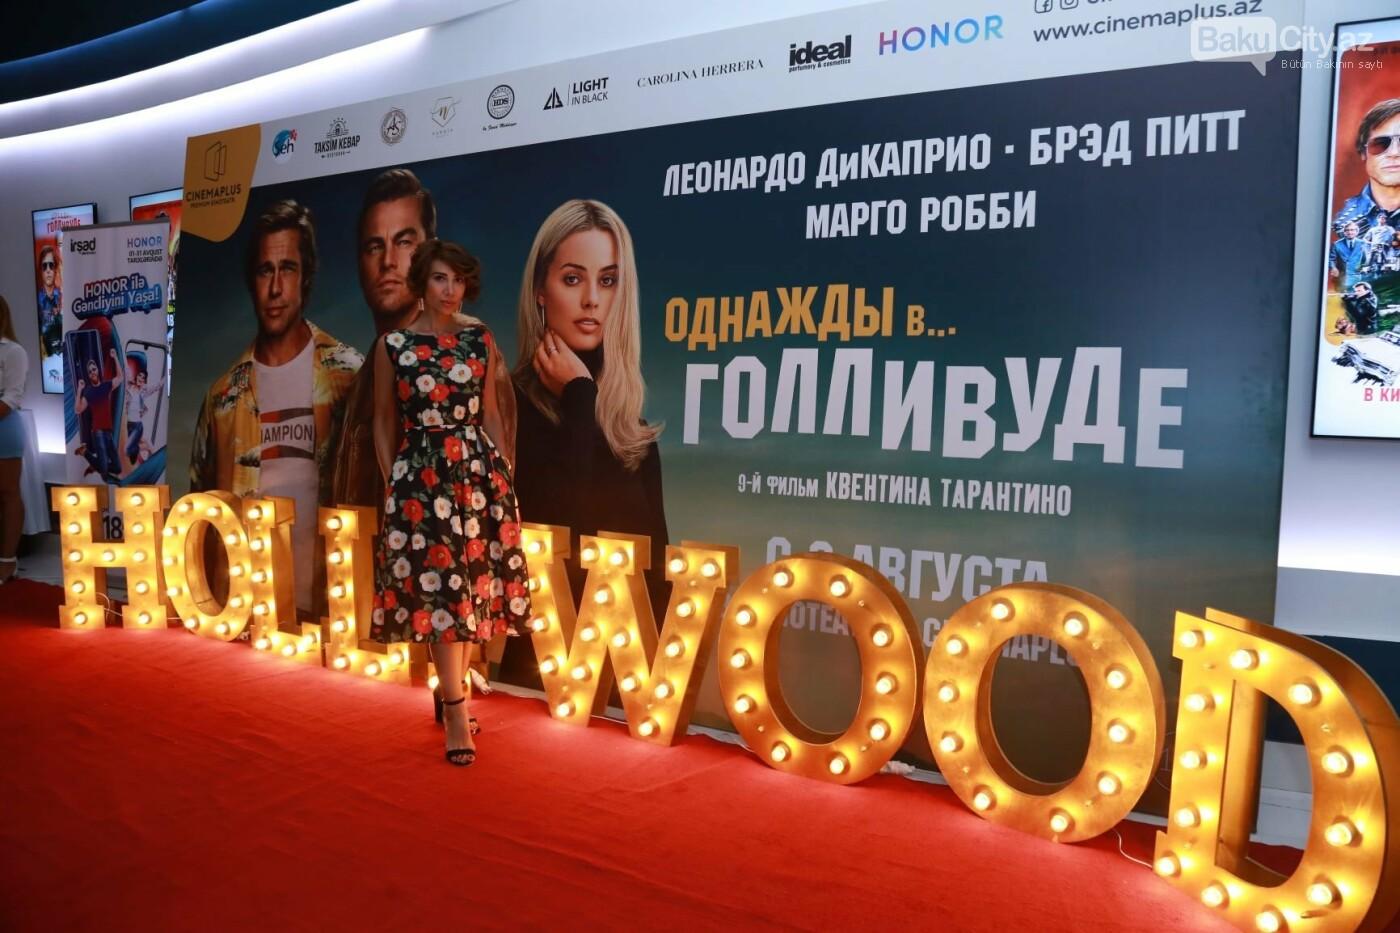 Bakıda dünya şöhrətli rejissorun filmi nümayiş olundu - FOTO, fotoşəkil-26